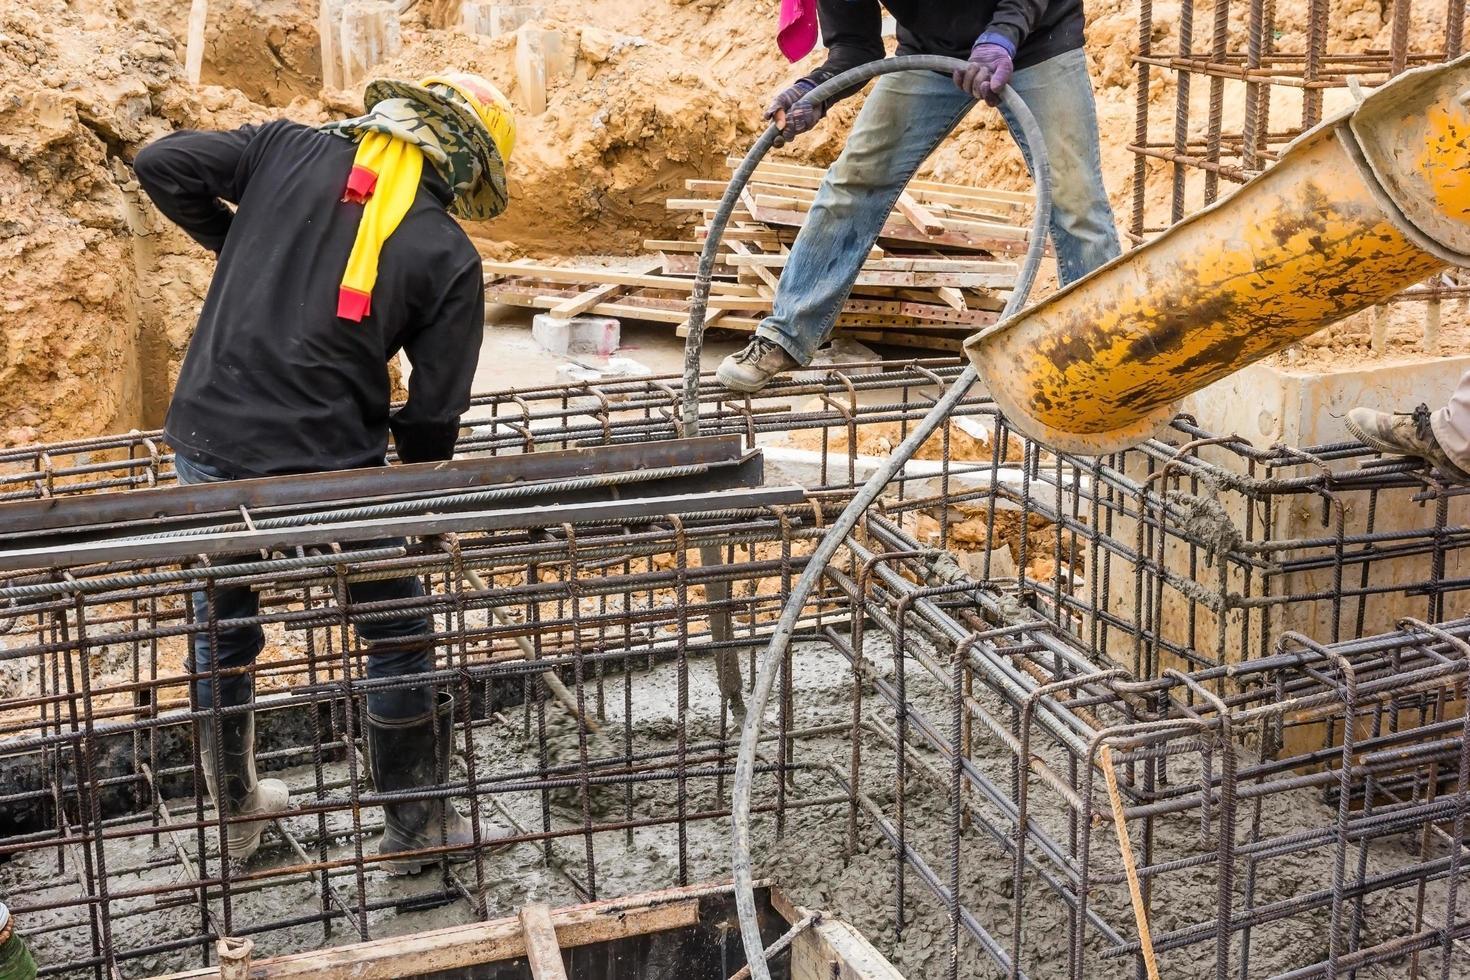 Vertido de hormigón durante el hormigonado comercial de suelos de edificios en obra foto